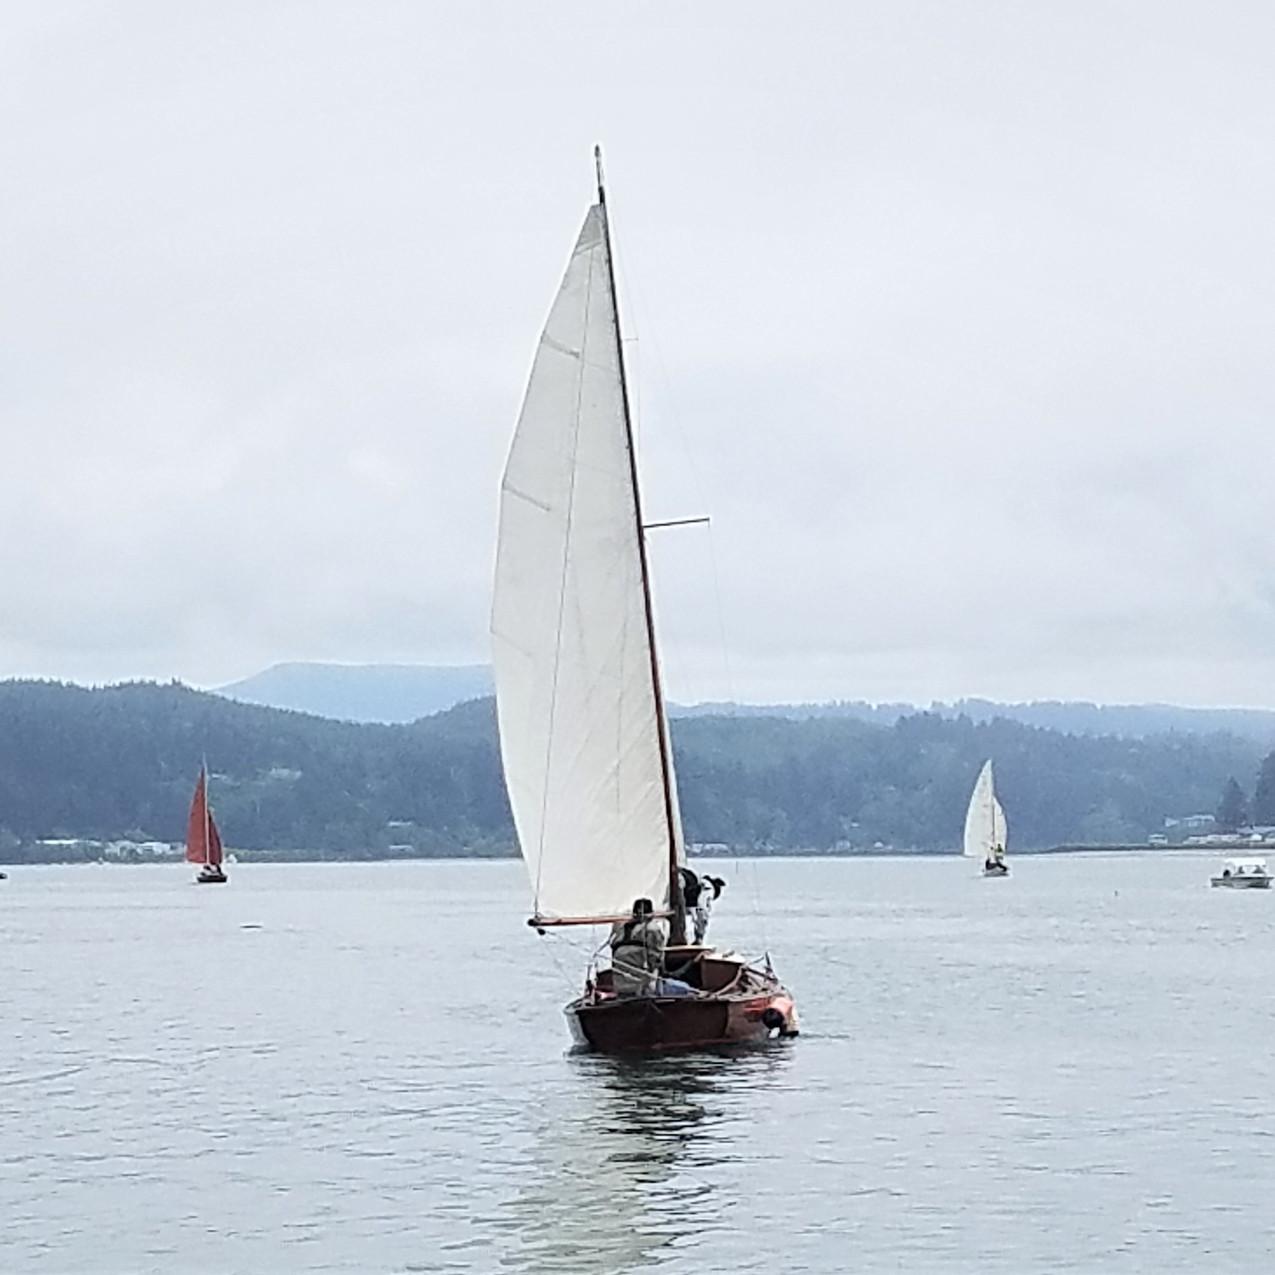 Teak Lady Sail